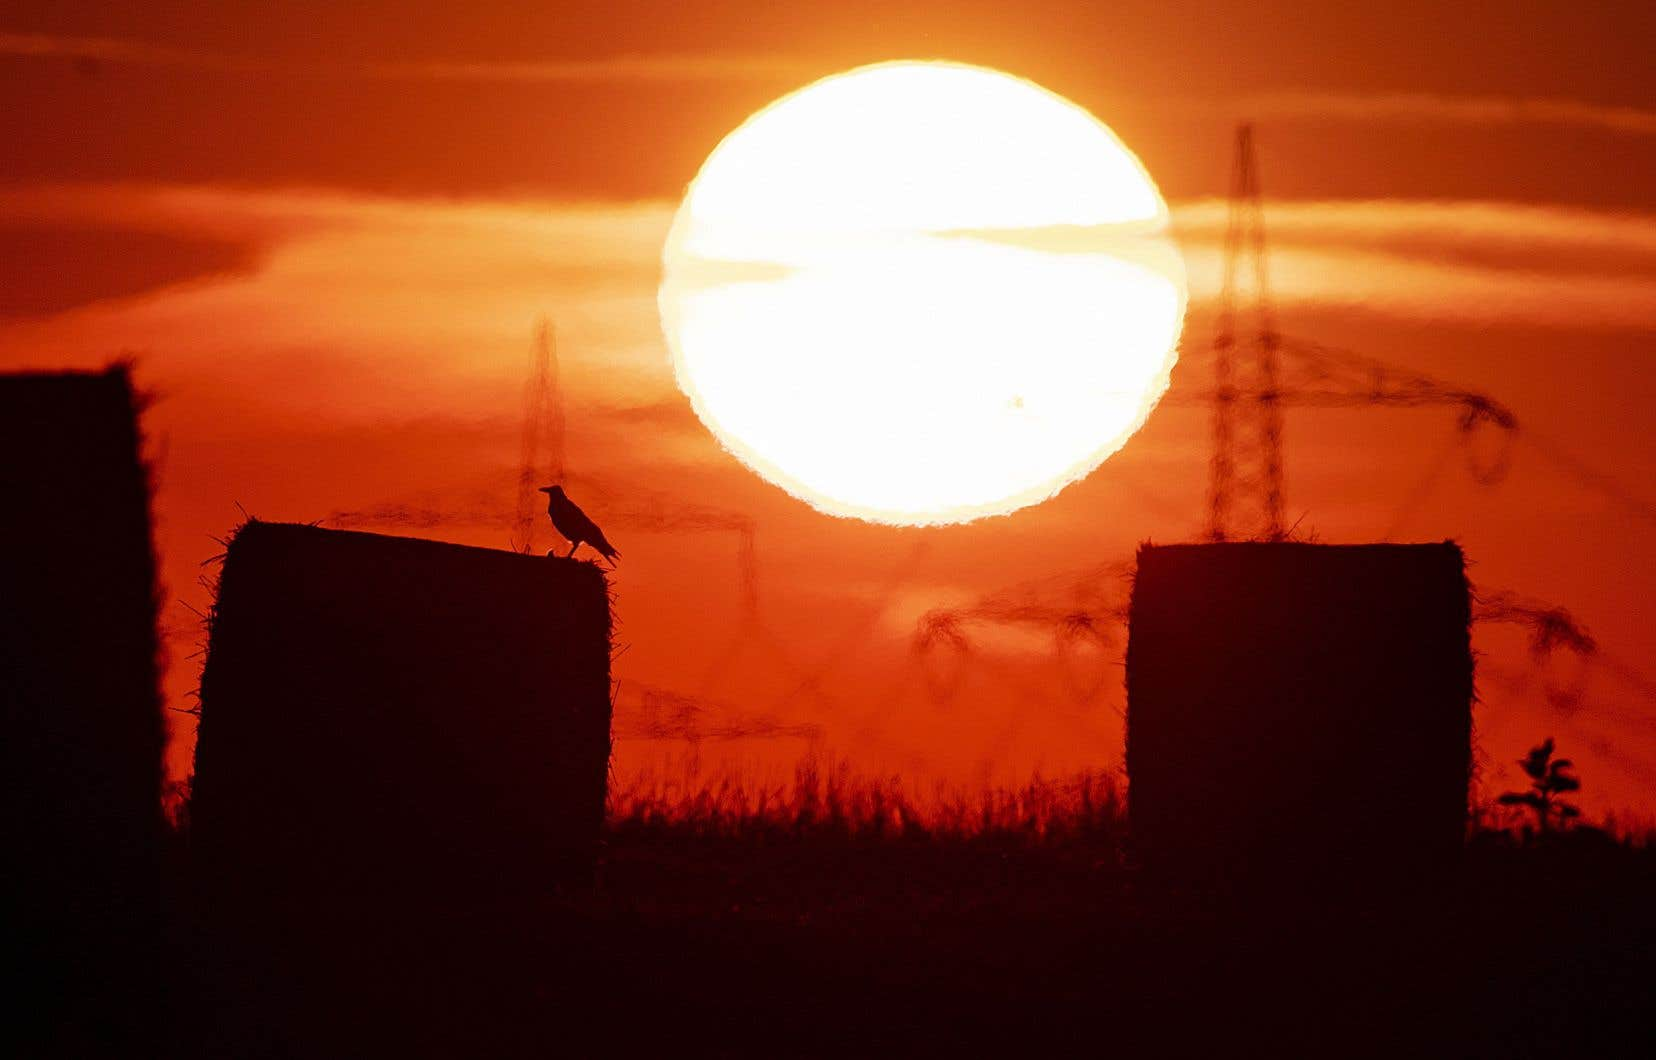 Plusieurs pays européens ont vécu un mois de juillet exceptionnellement chaud cette année, notamment la France, la Belgique et l'Allemagne.